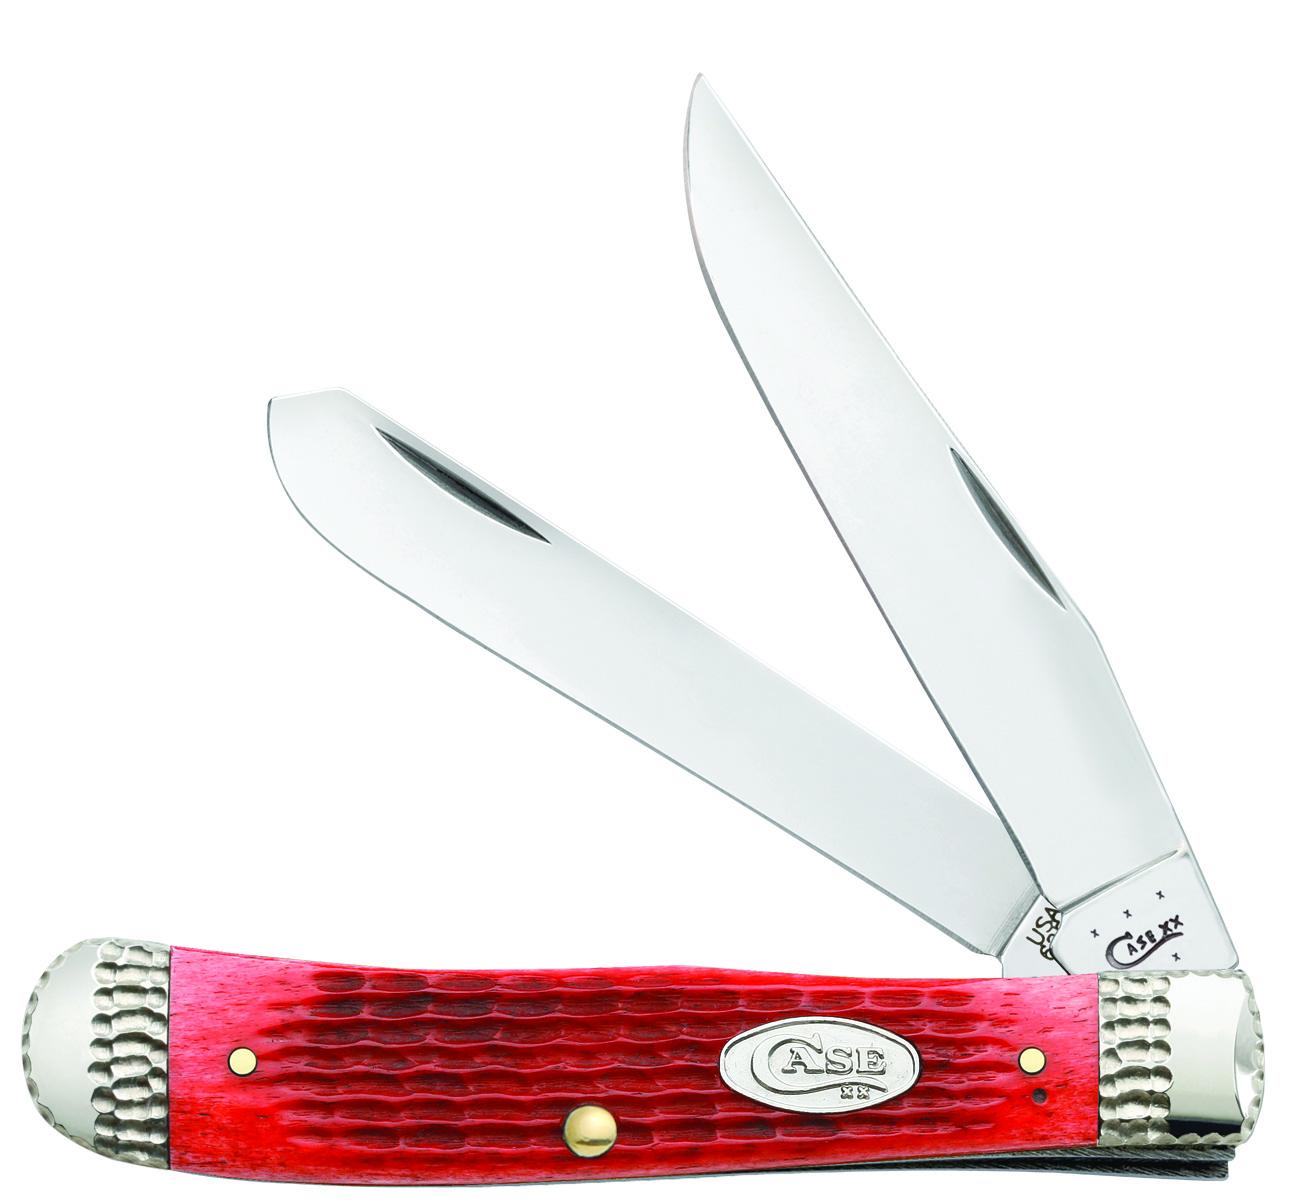 CASE XX KNIFE 53218 DARK RED BONE TRAPPER